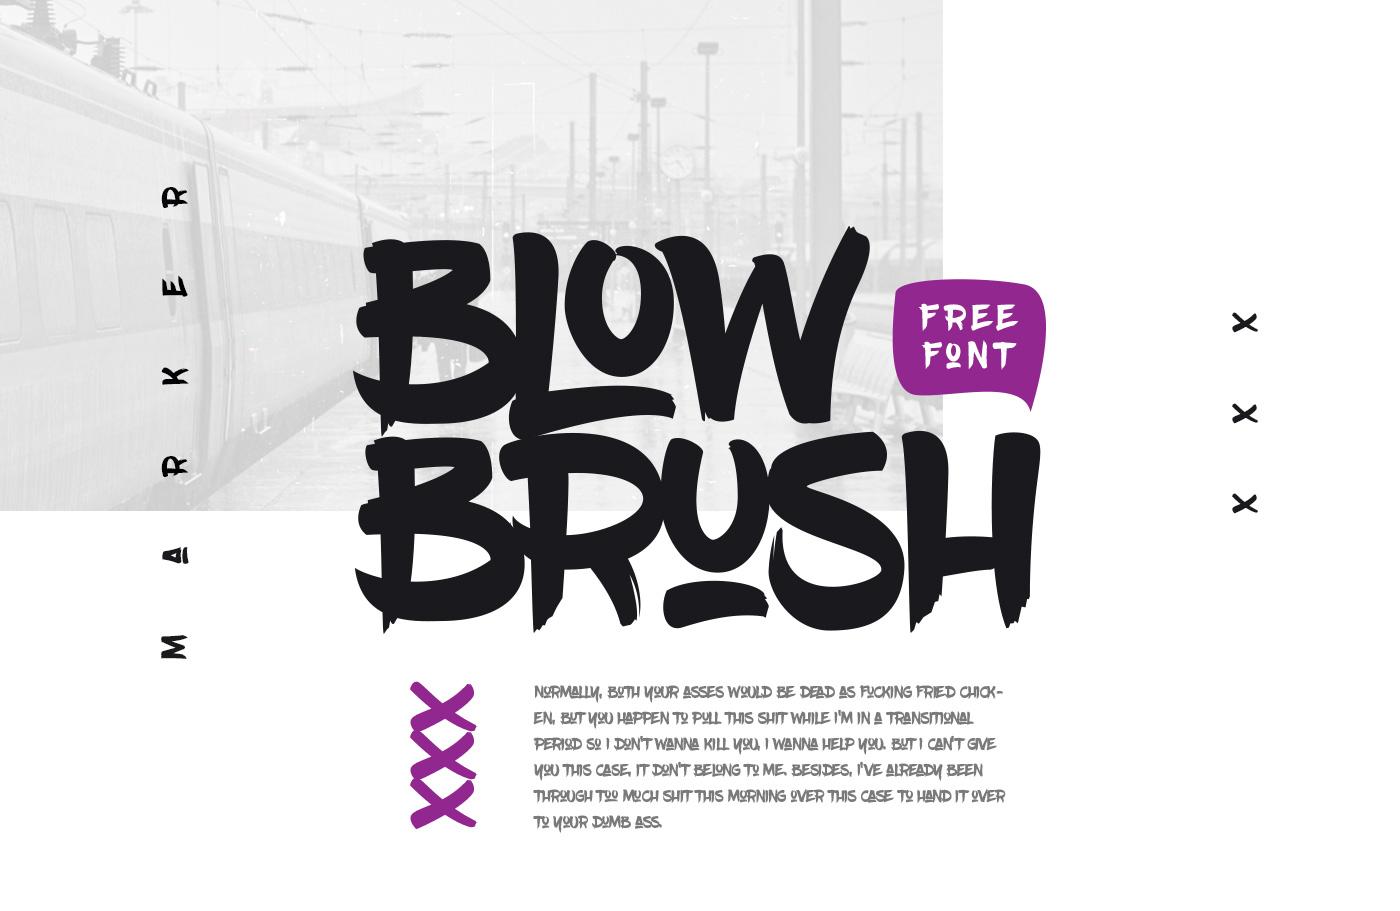 BlowBrush example 1